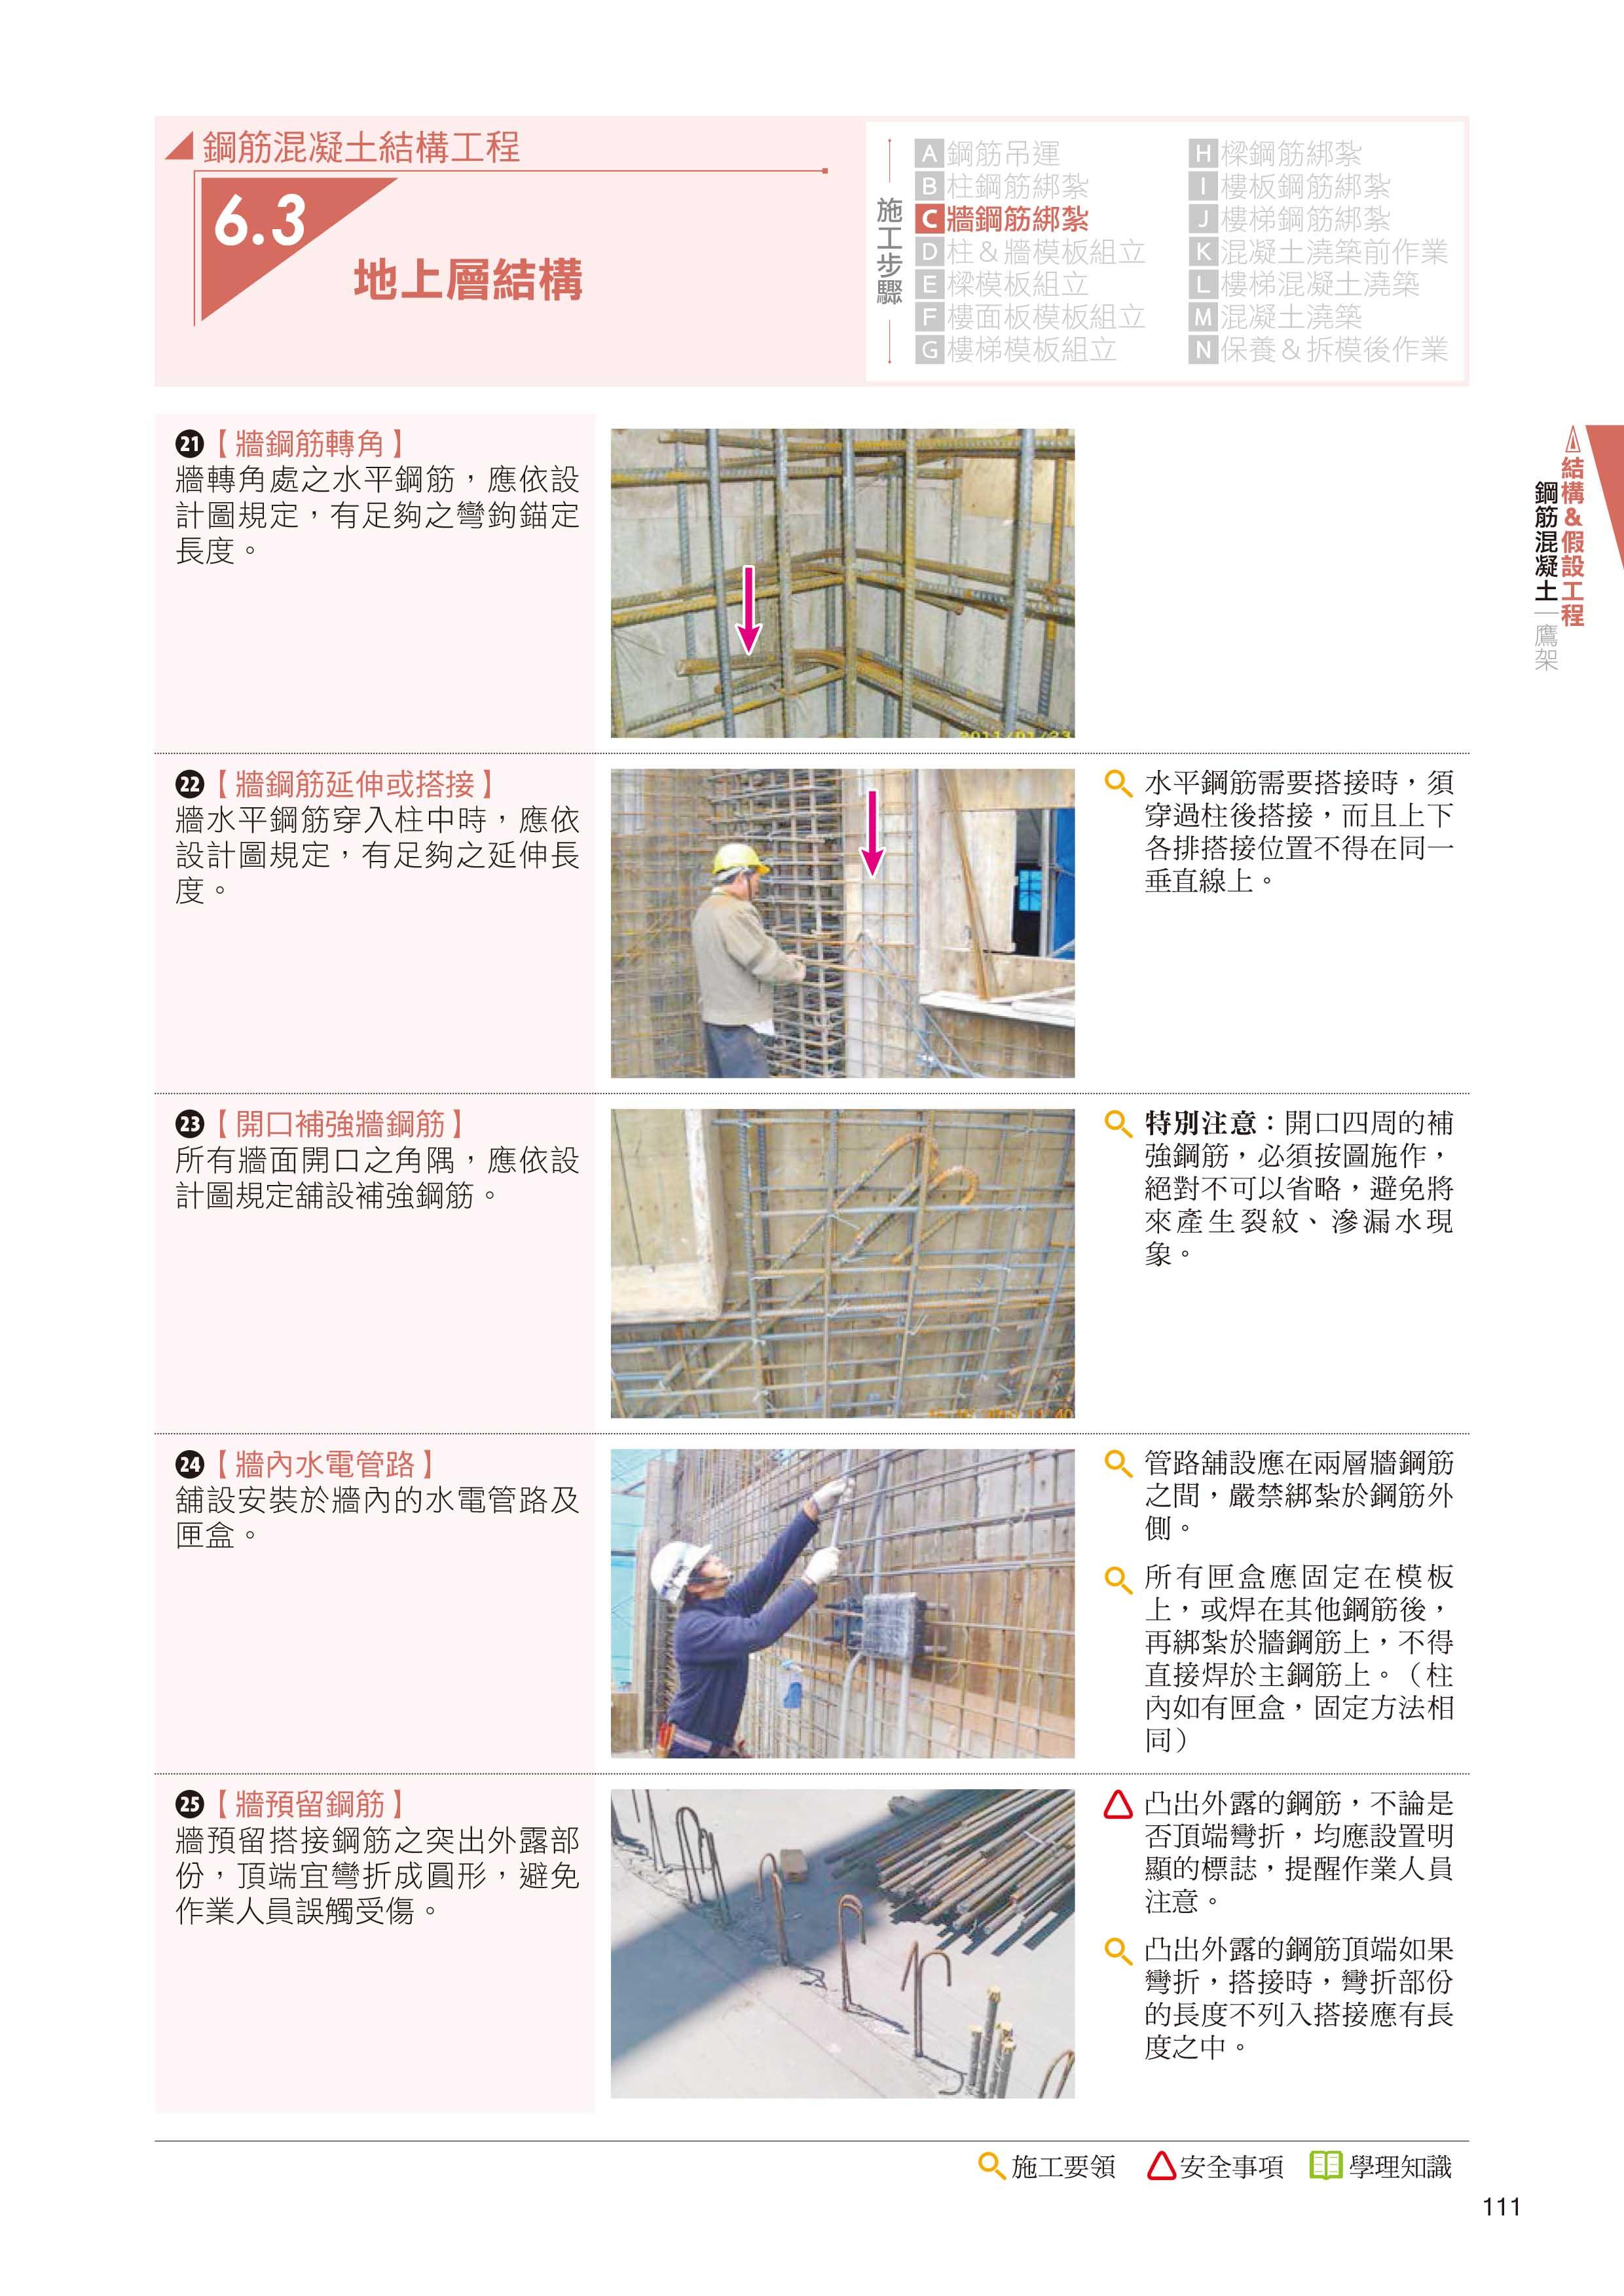 ◤博客來BOOKS◢ 暢銷書榜《推薦》CSI見築現場第二冊:營建工程施工「營造與施工流程、分項工程施工要領、施工規範於施工現場之實務運用」